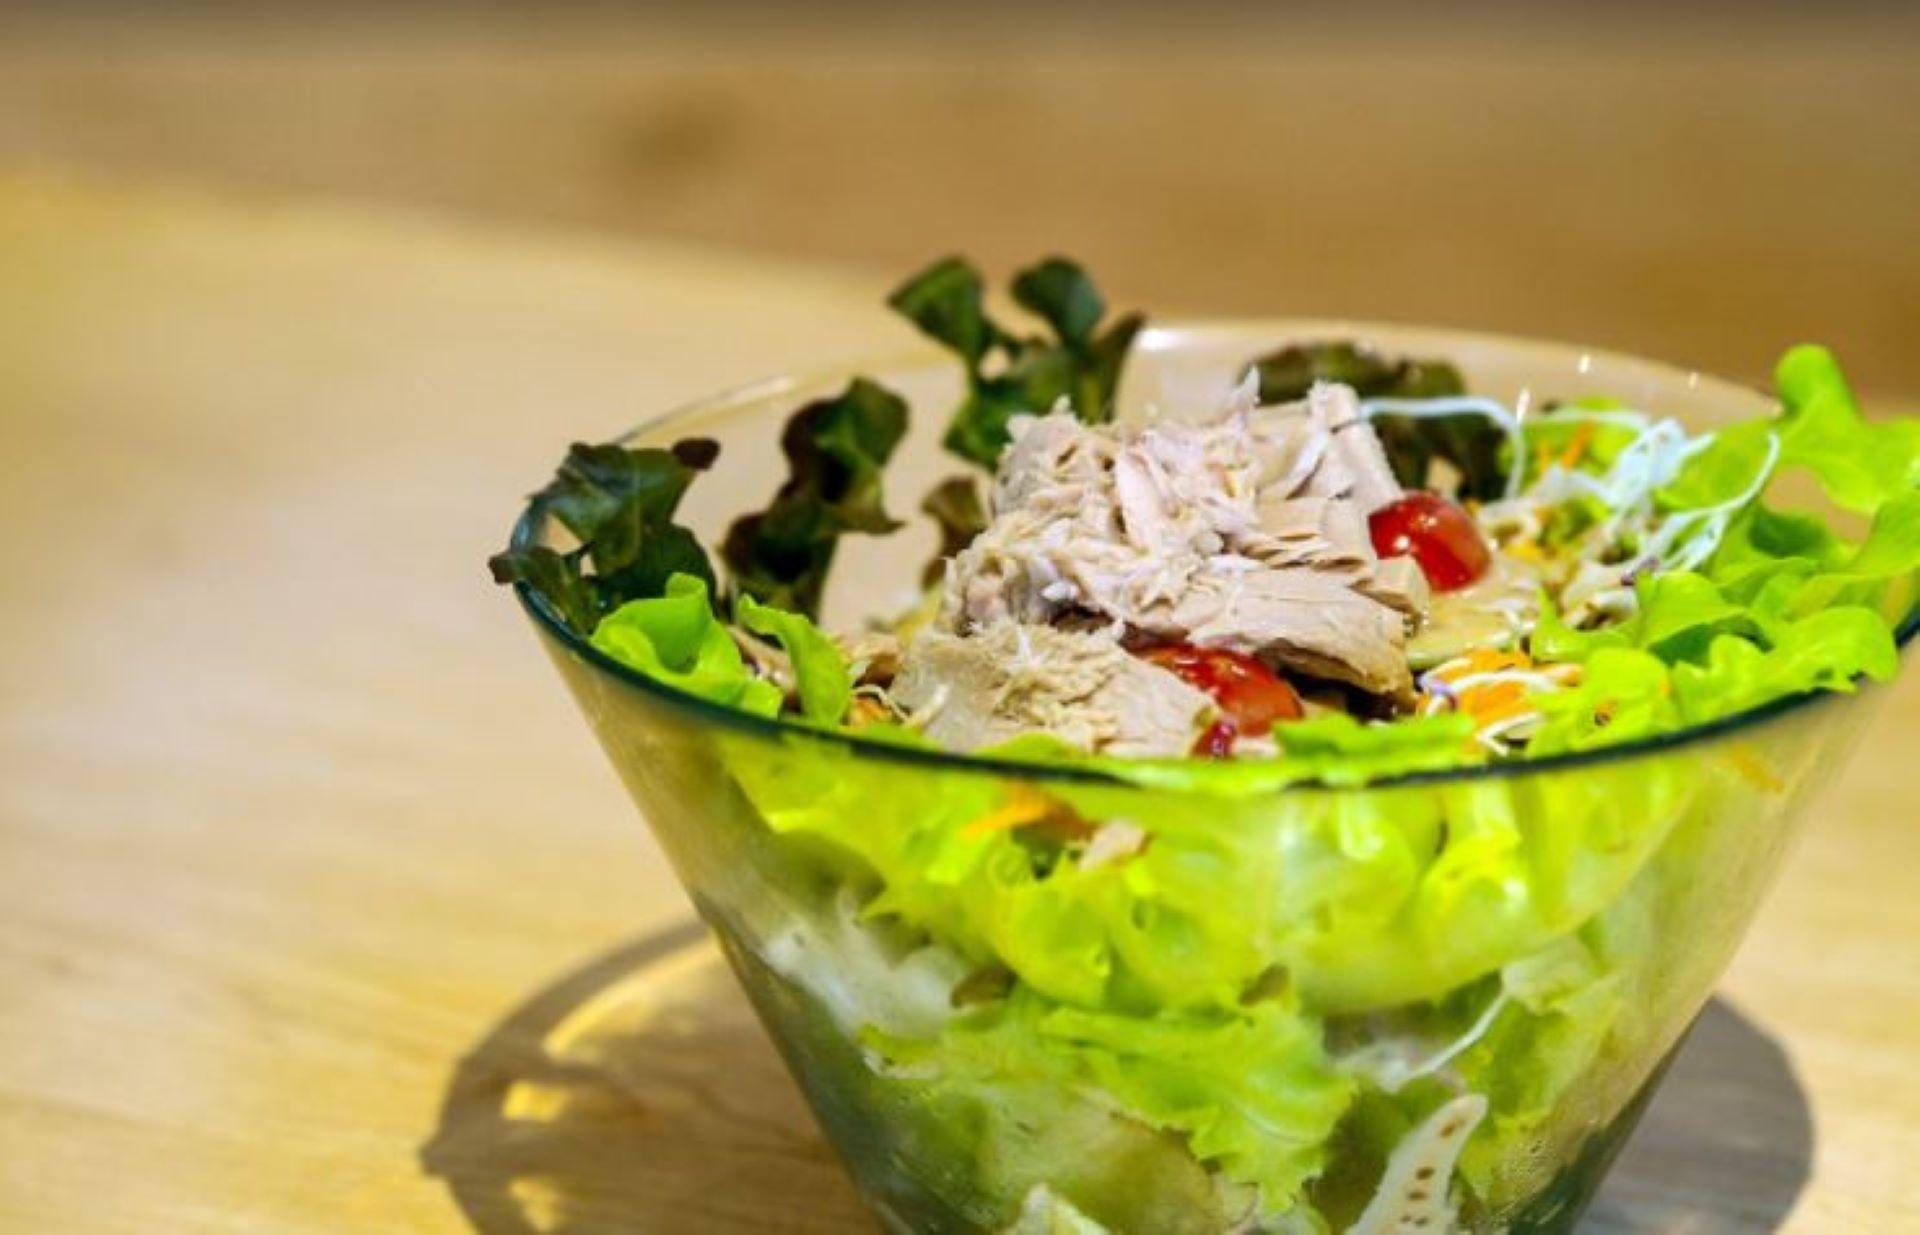 Värikäs salaattiannos lasikulhossa pöydällä.